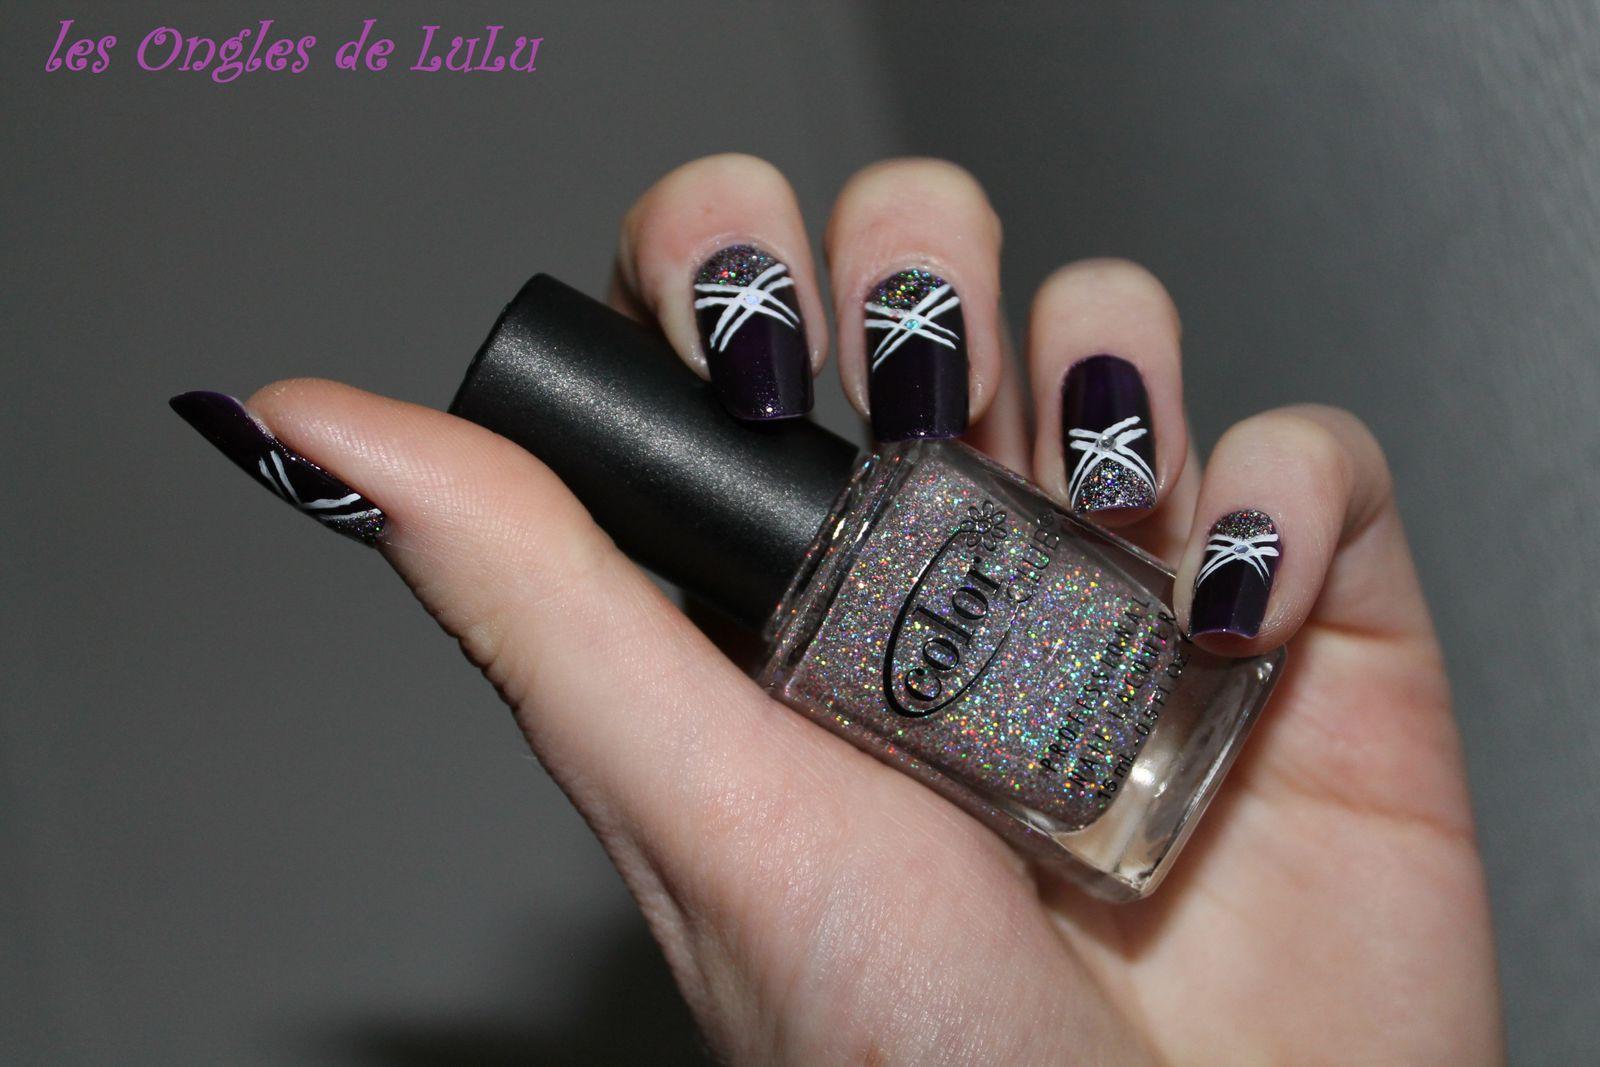 petite touche nail &quot&#x3B;artistique&quot&#x3B;